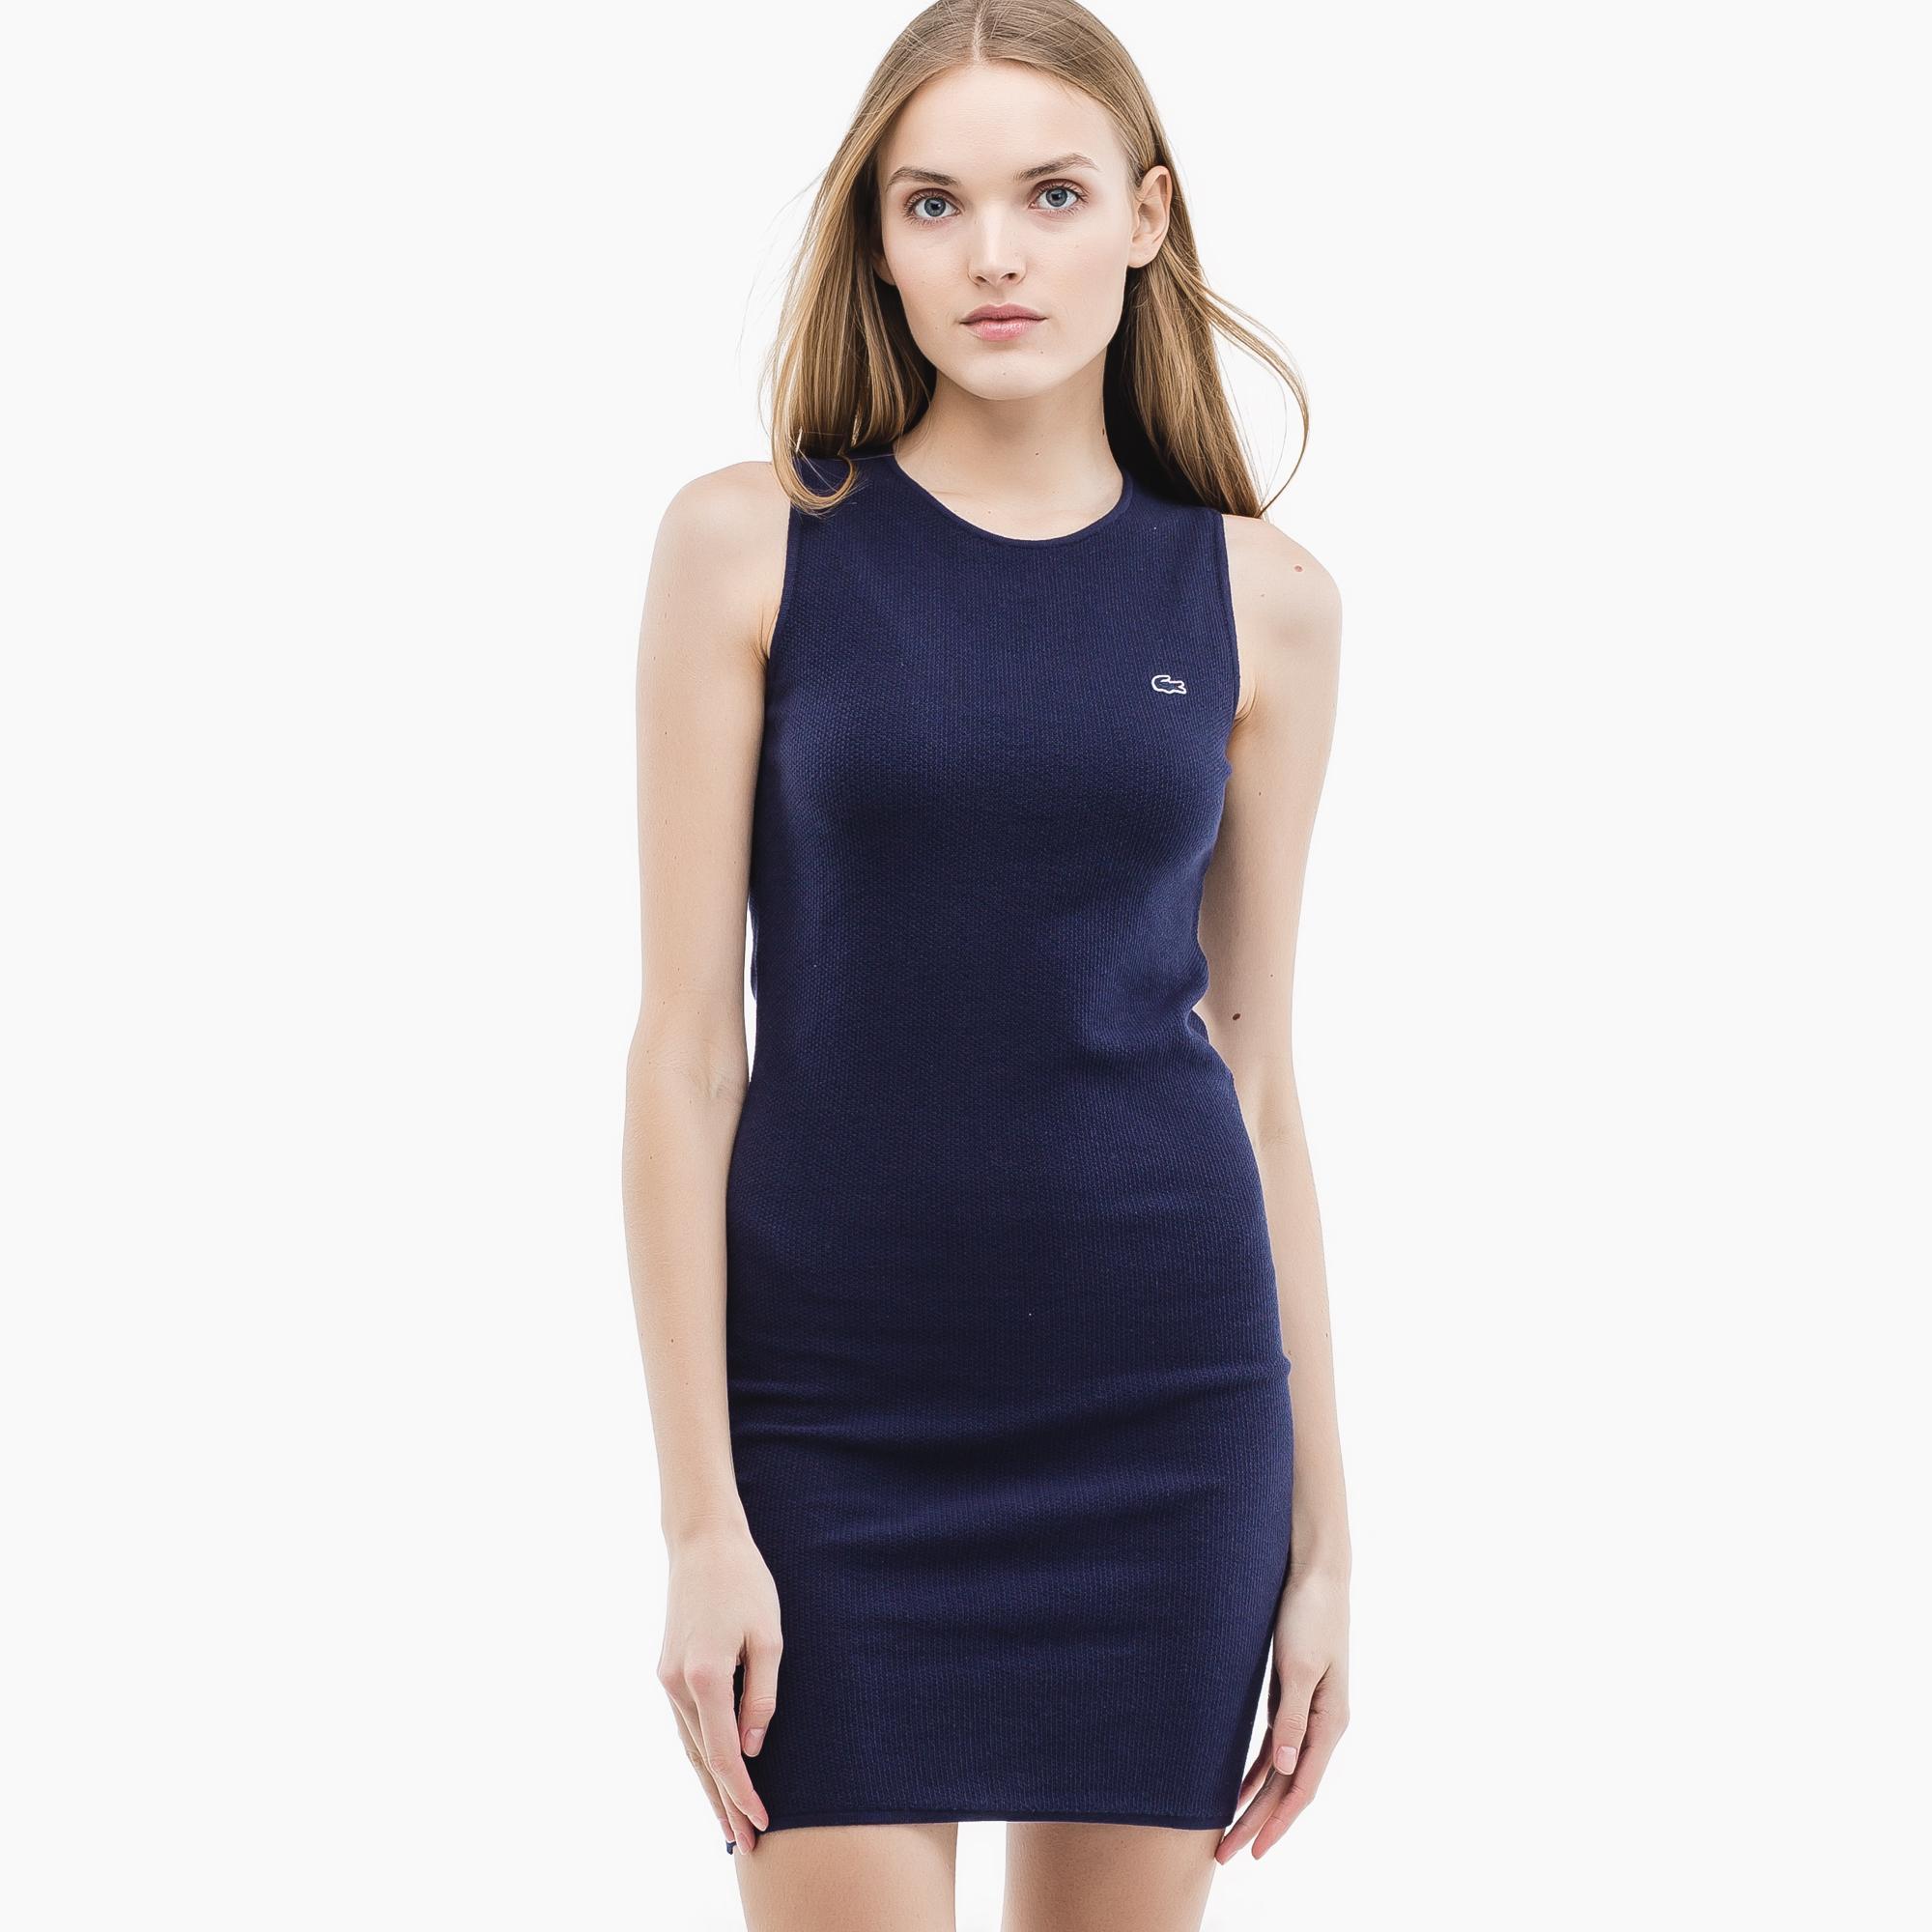 Фото 3 - Женское платье Lacoste синего цвета